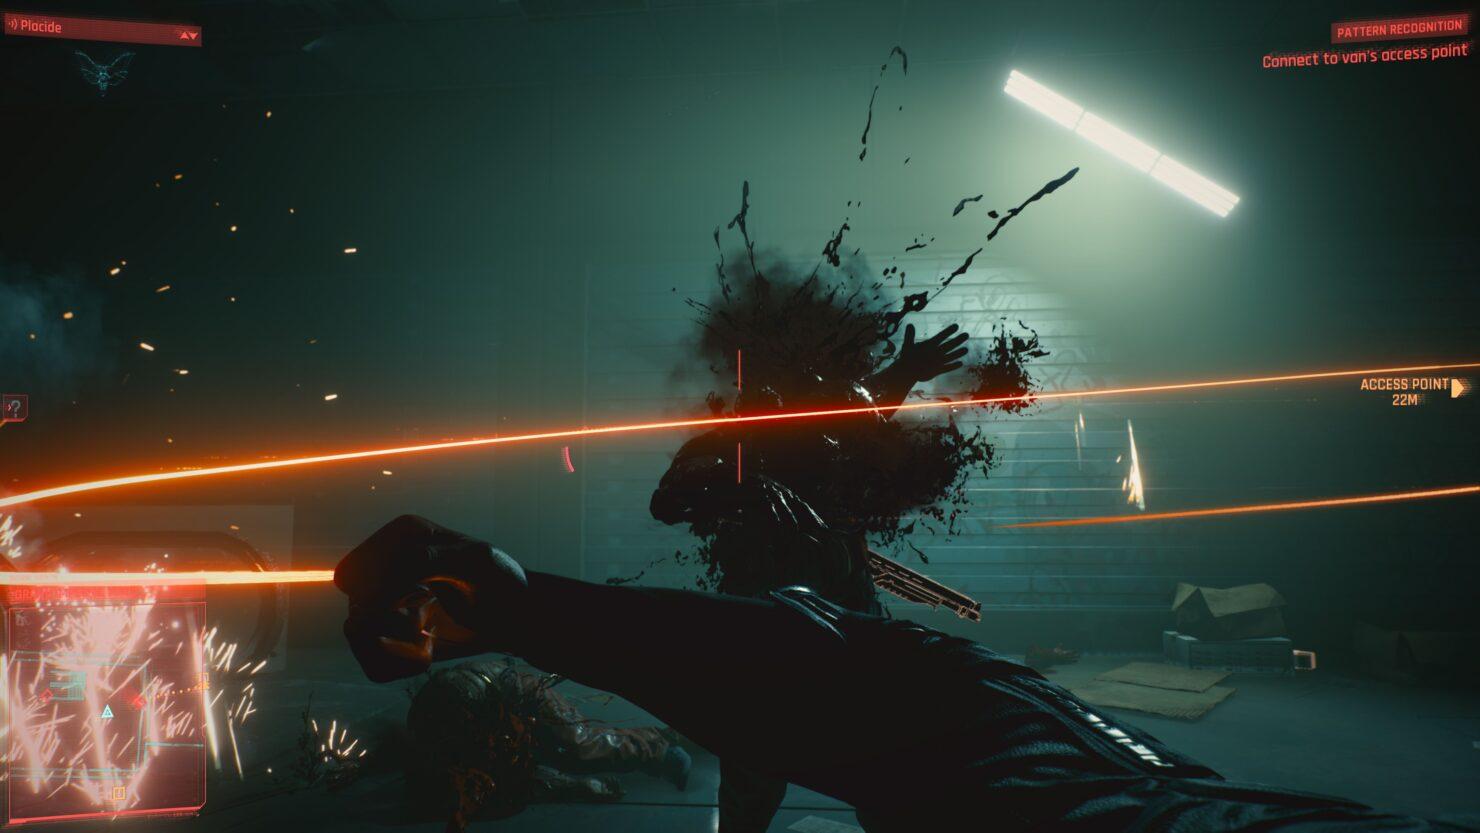 Cyberpunk 2077 cutscenes first person